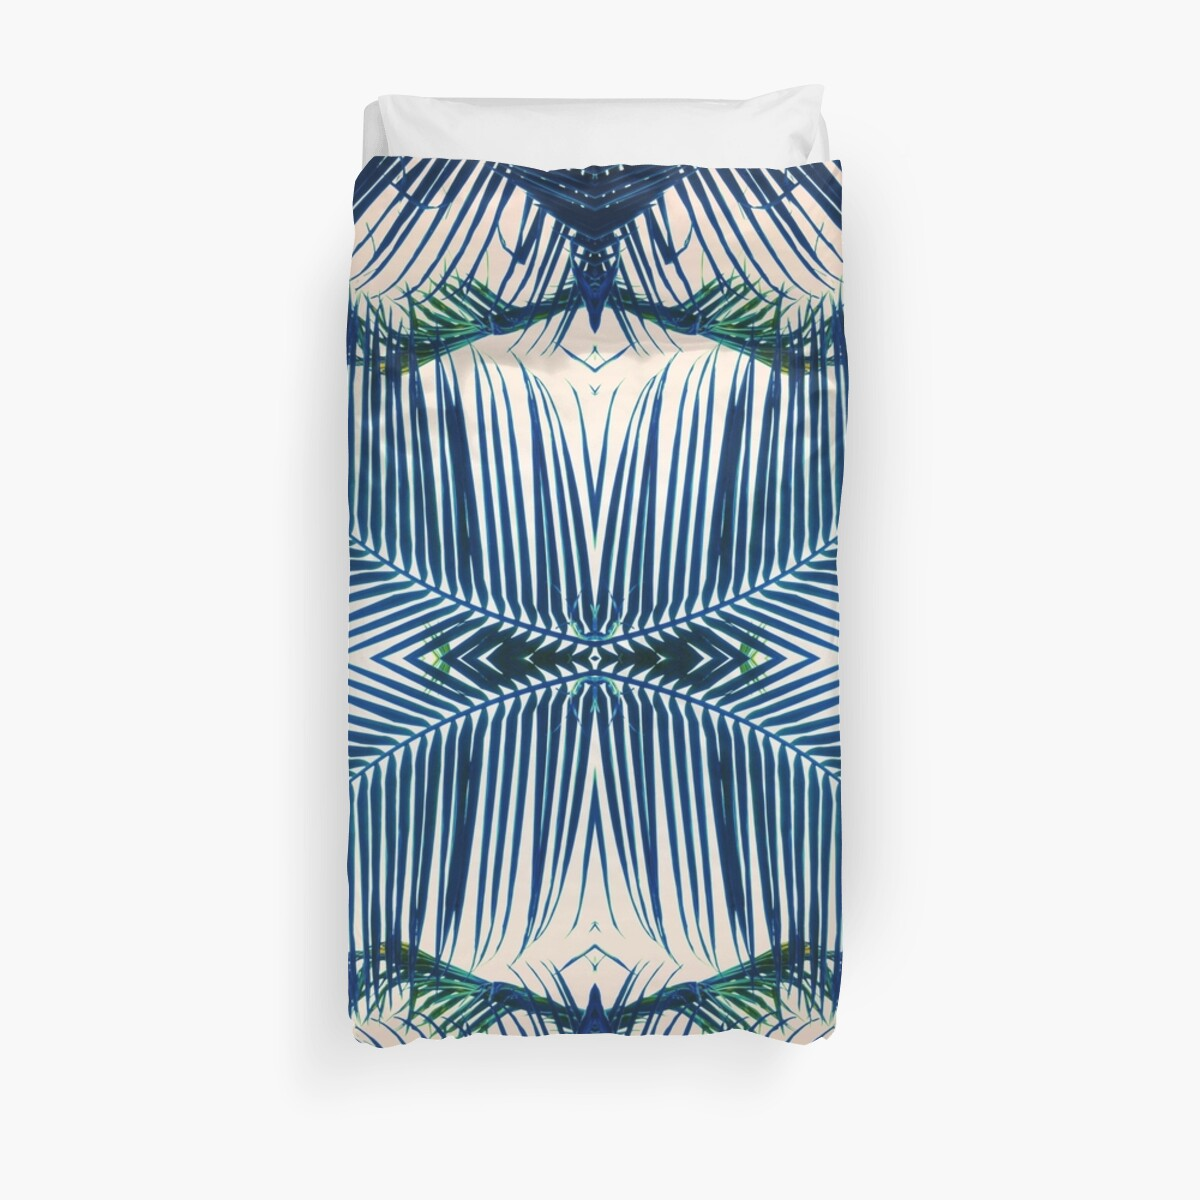 bluish fern  by haroulita